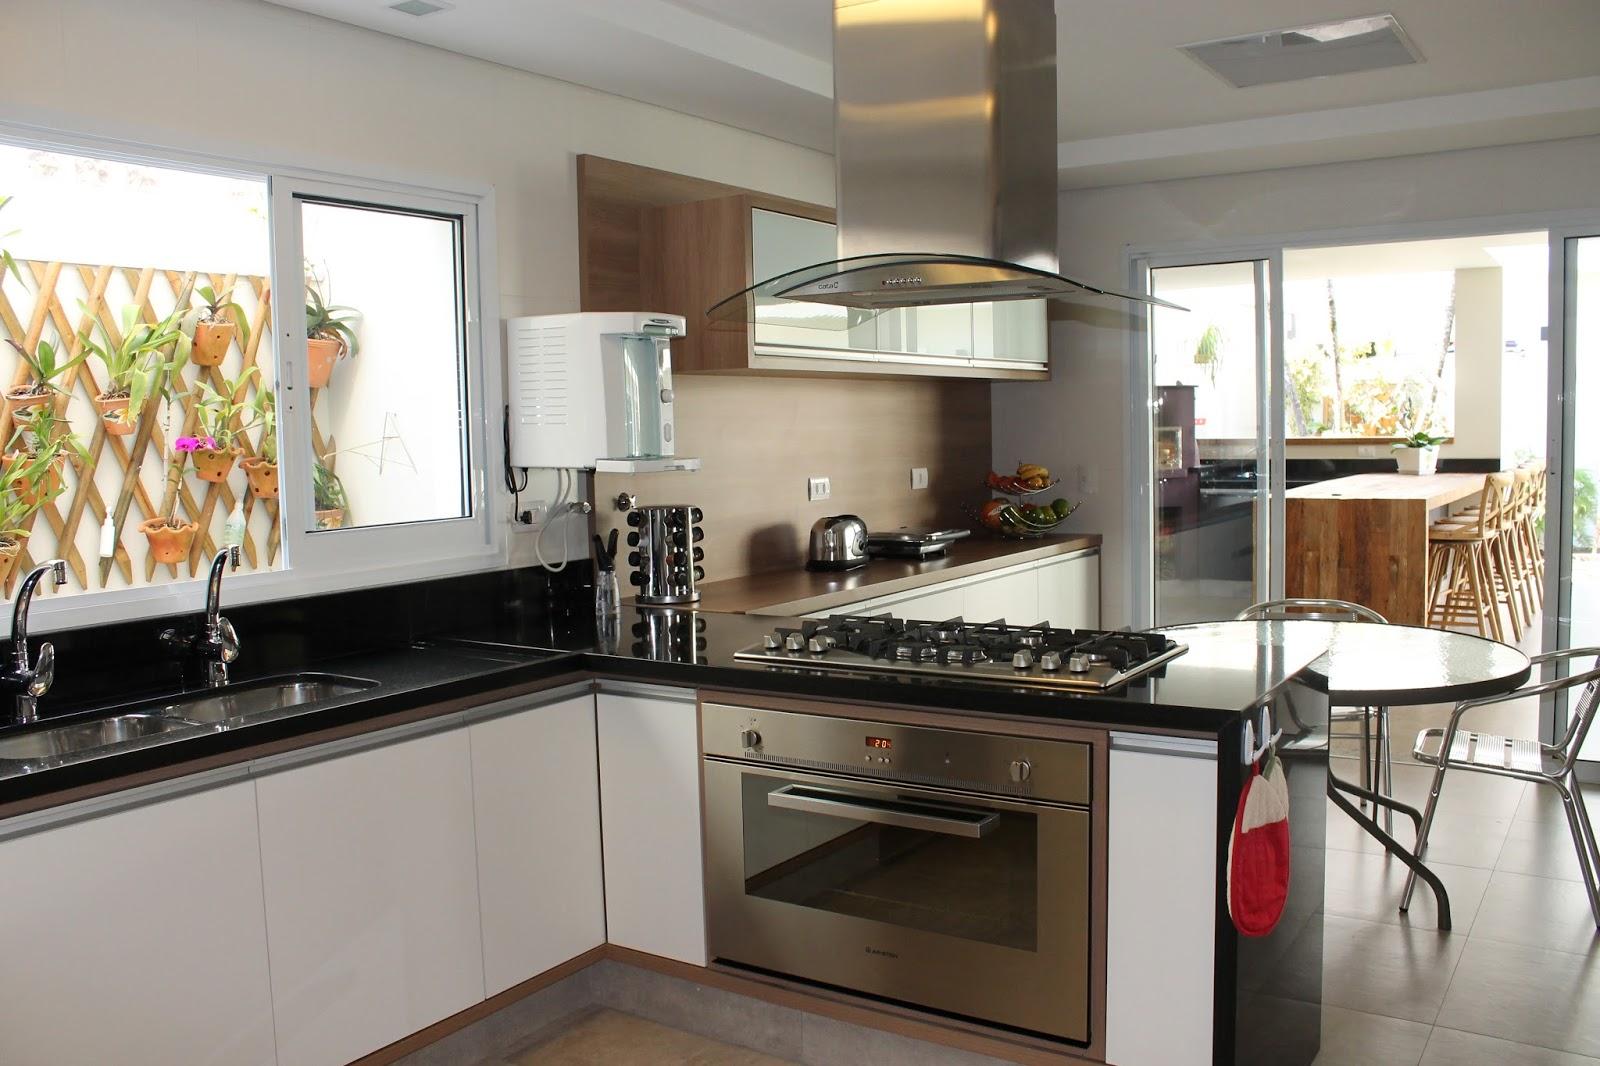 de Decoração: Cozinha e Sala de Jantar Integrada com Projeto 3D #966835 1600 1066